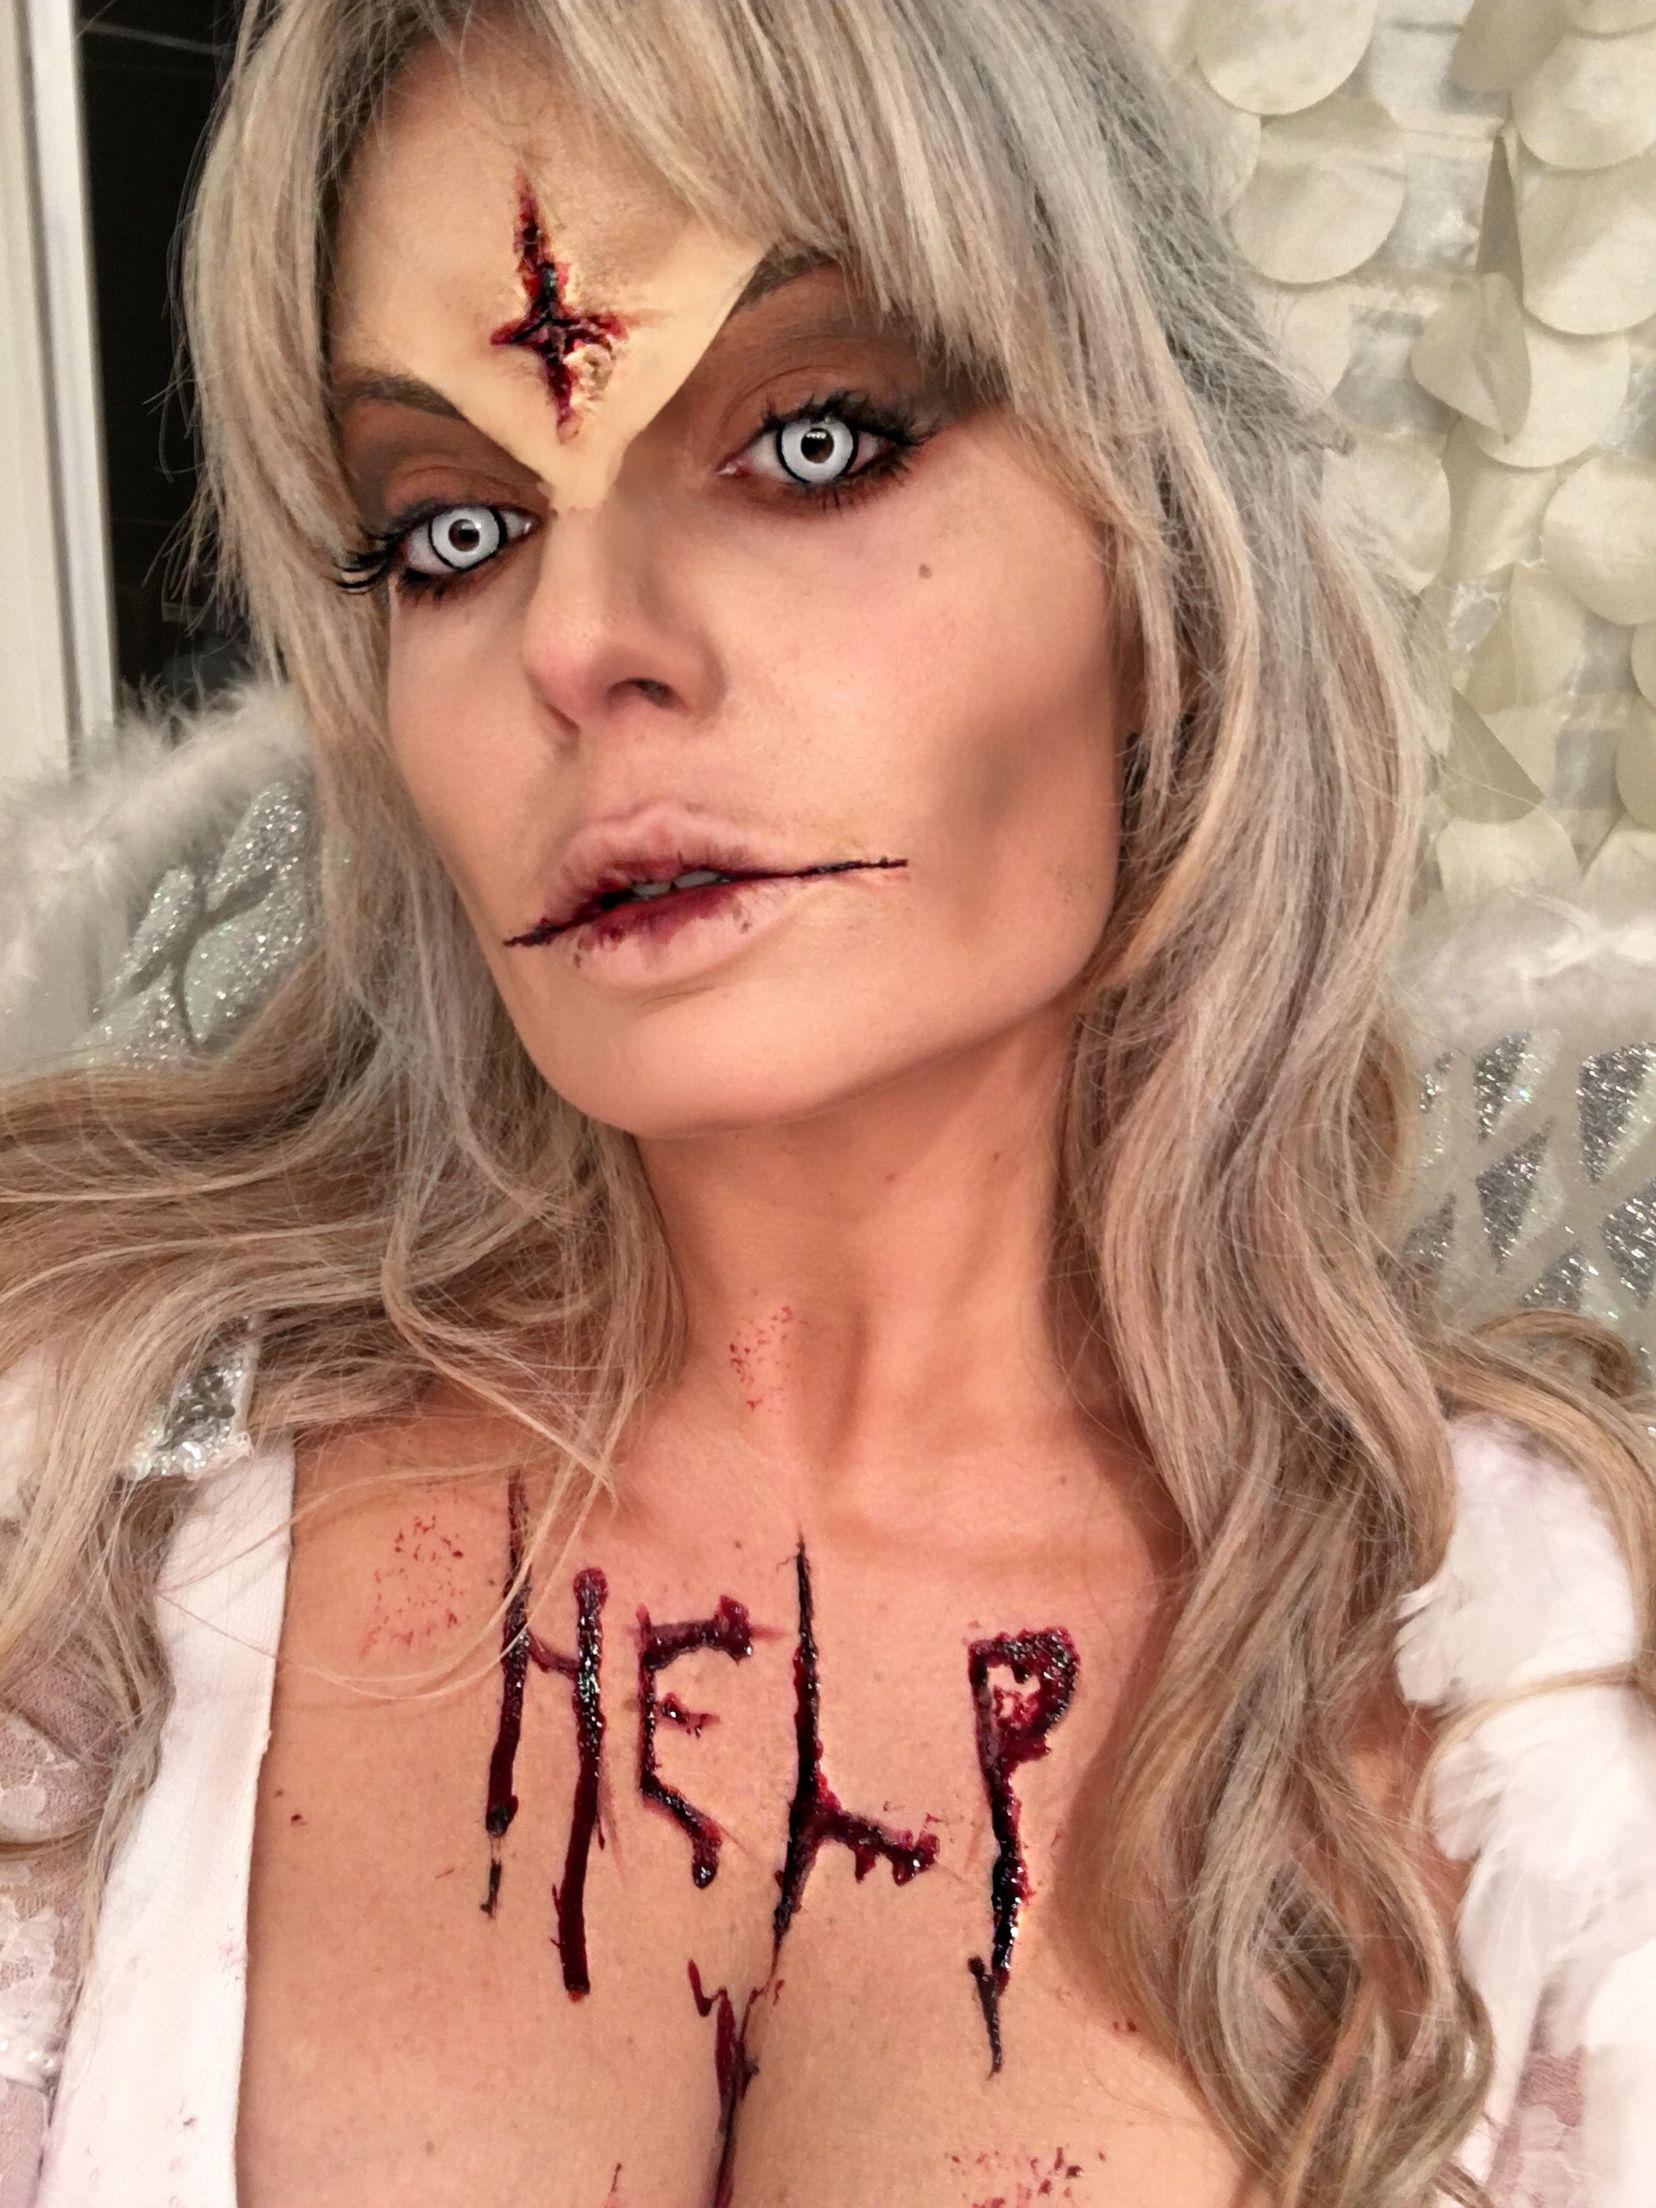 fallen angel halloween makeup | www.topsimages